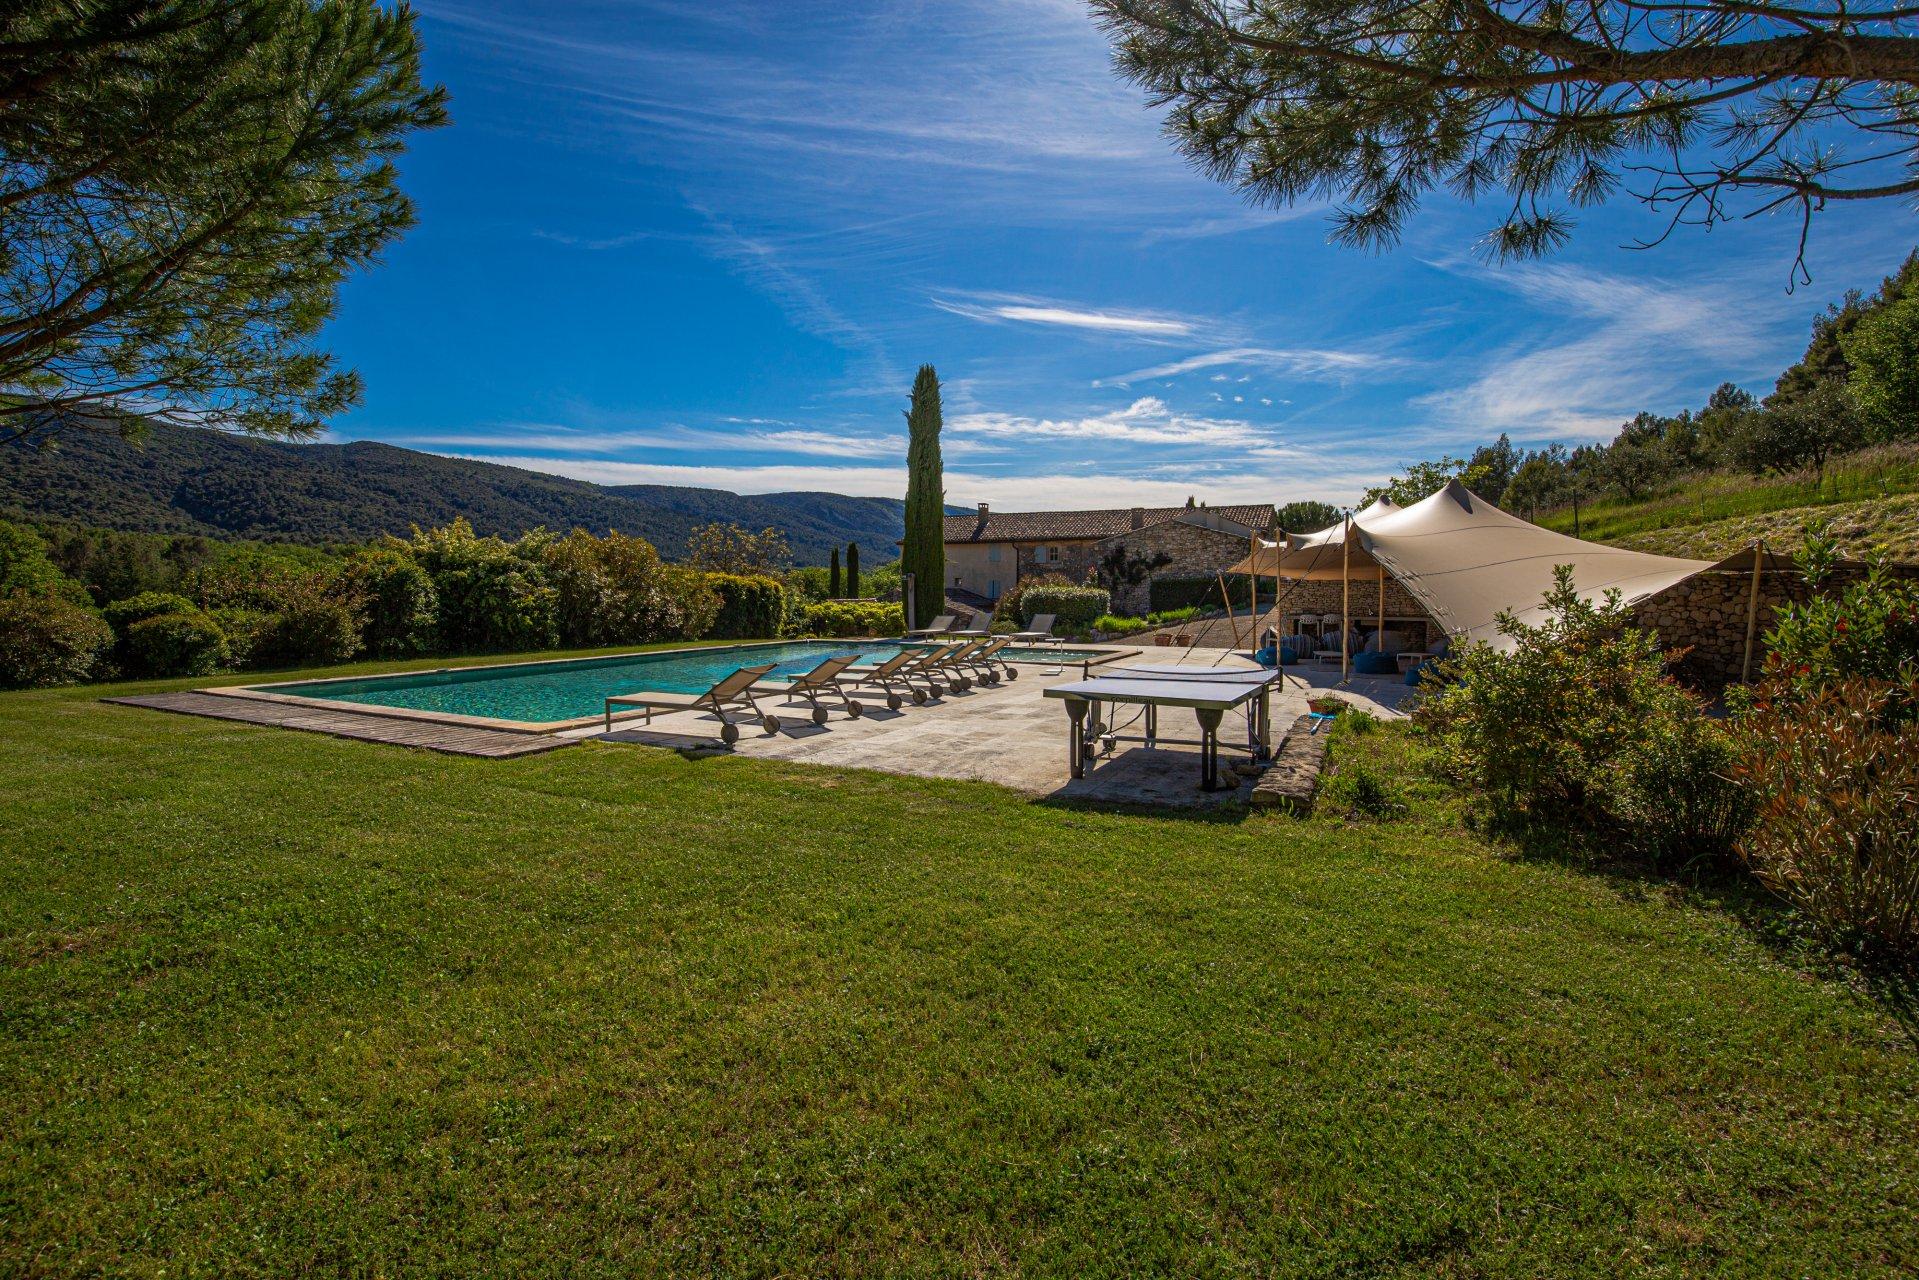 Villas for Sale - PL0033